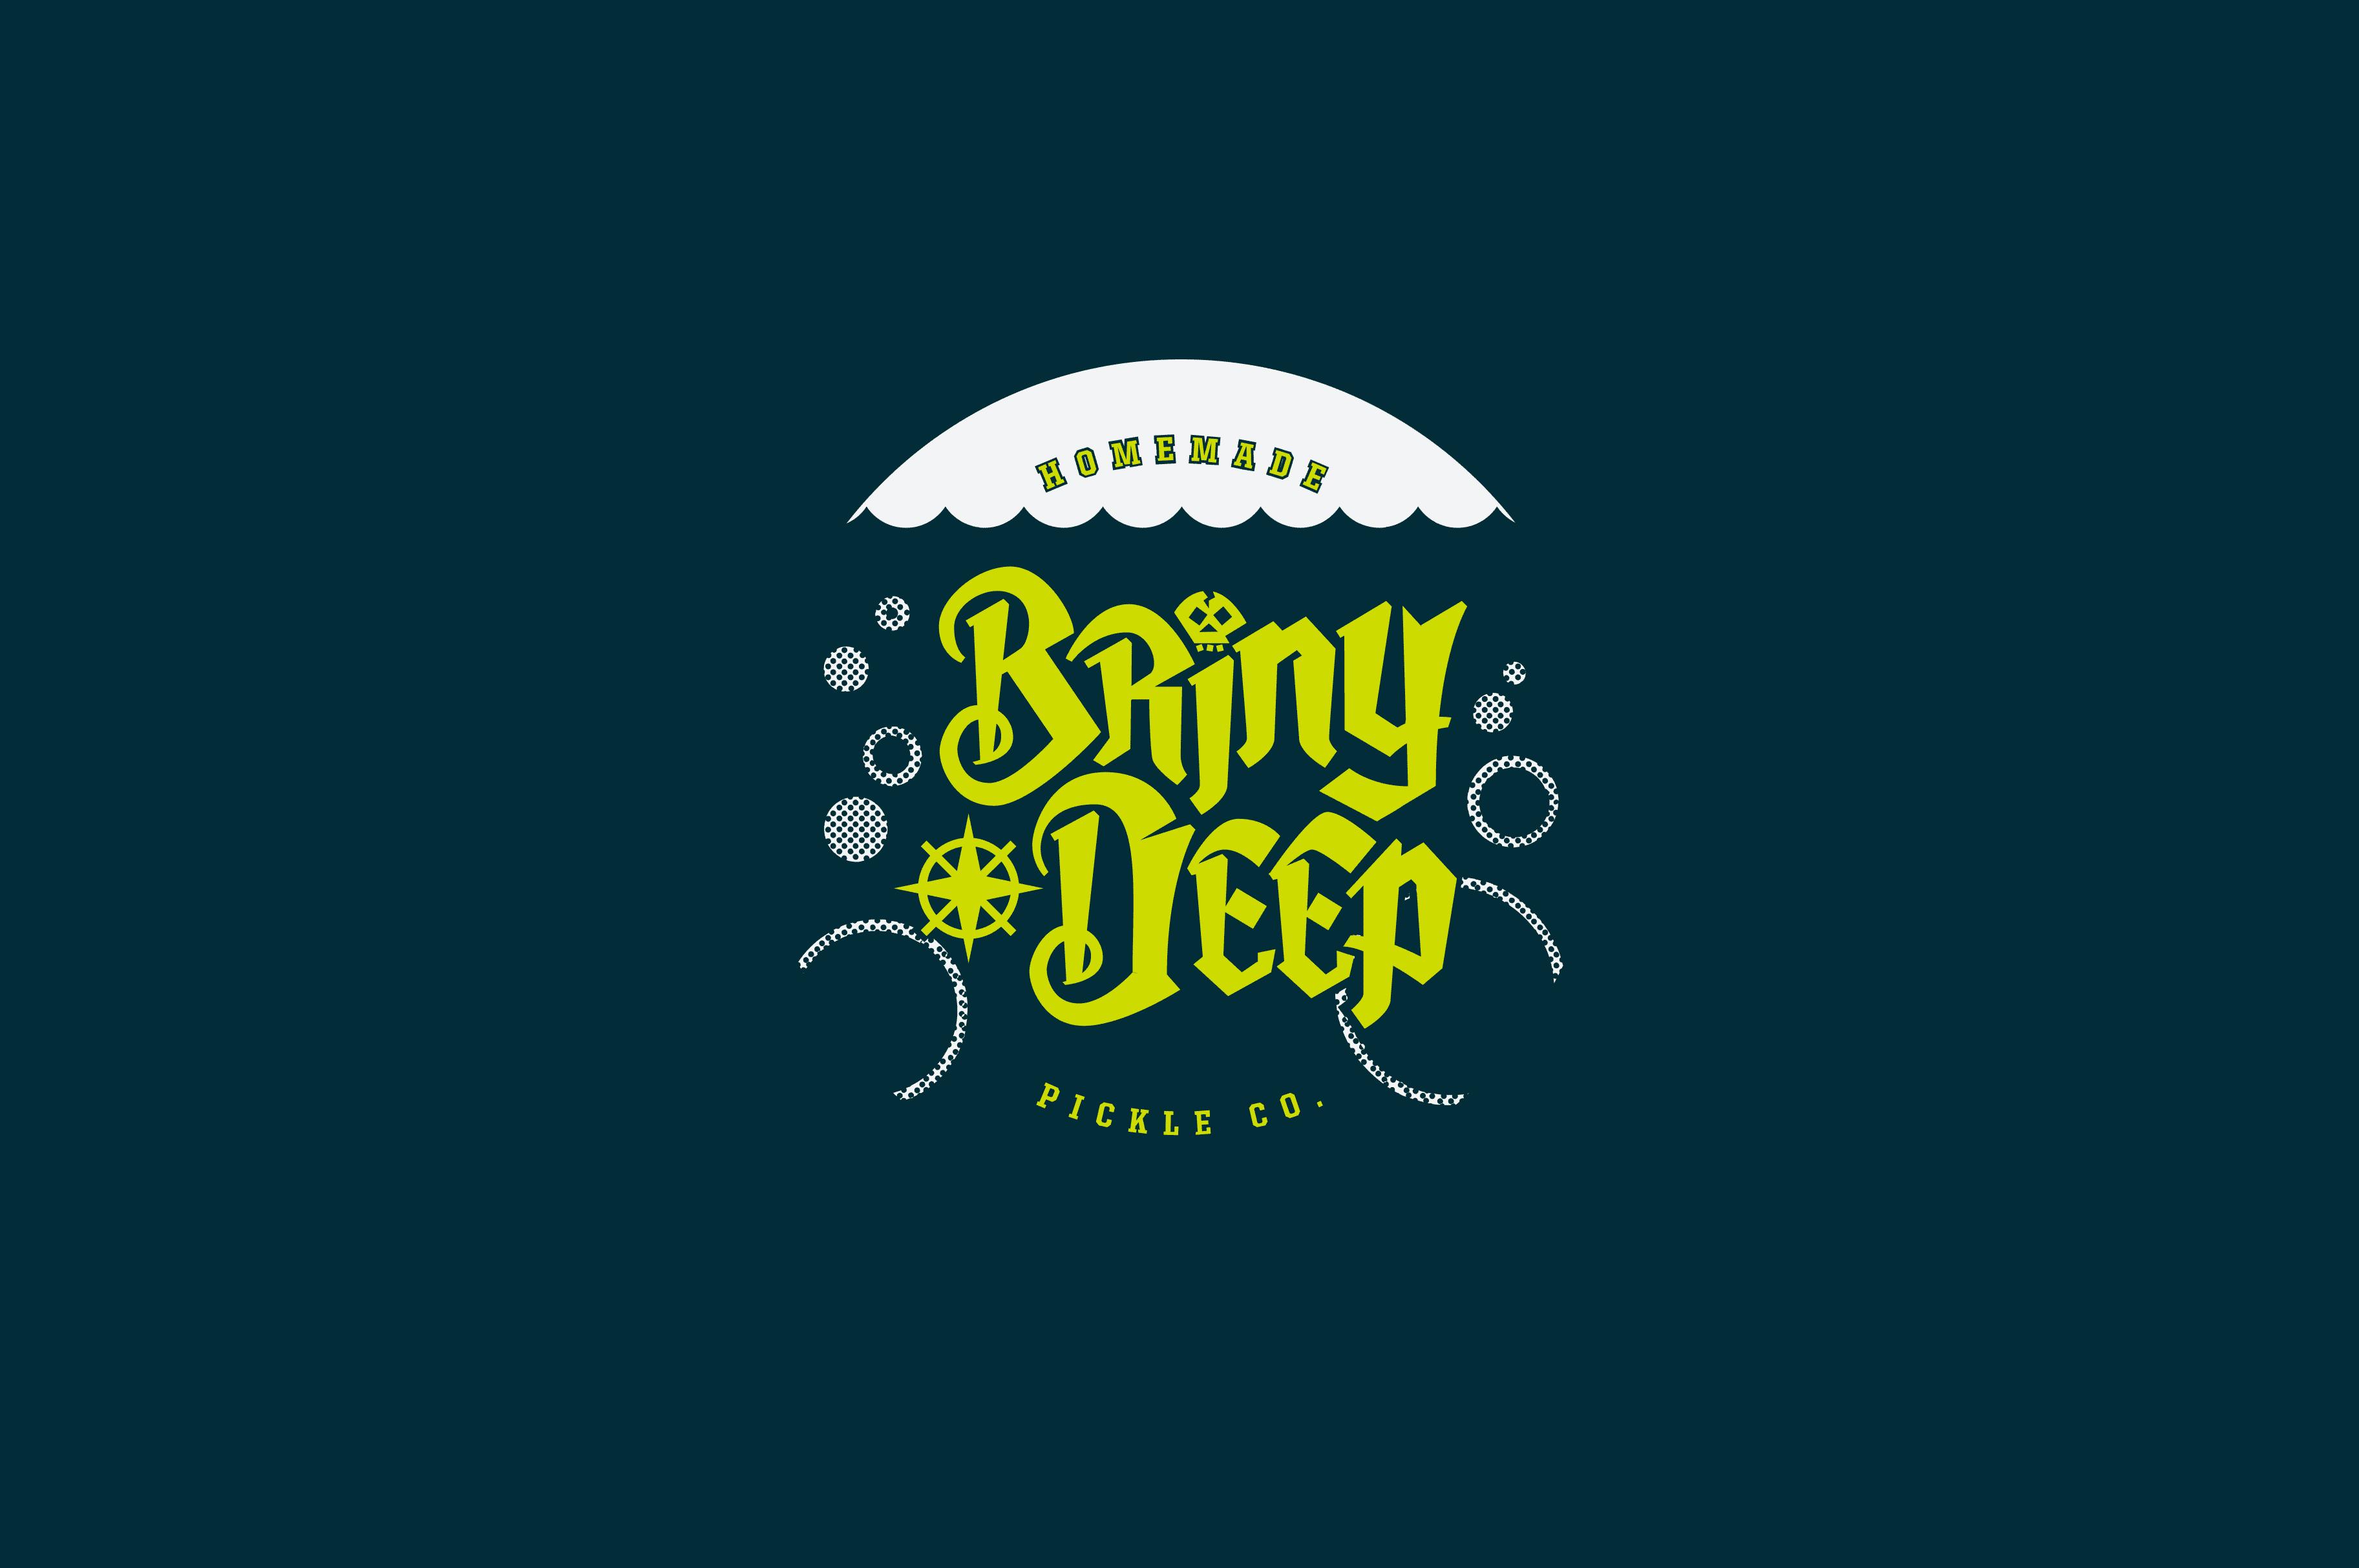 Briny deep logo design